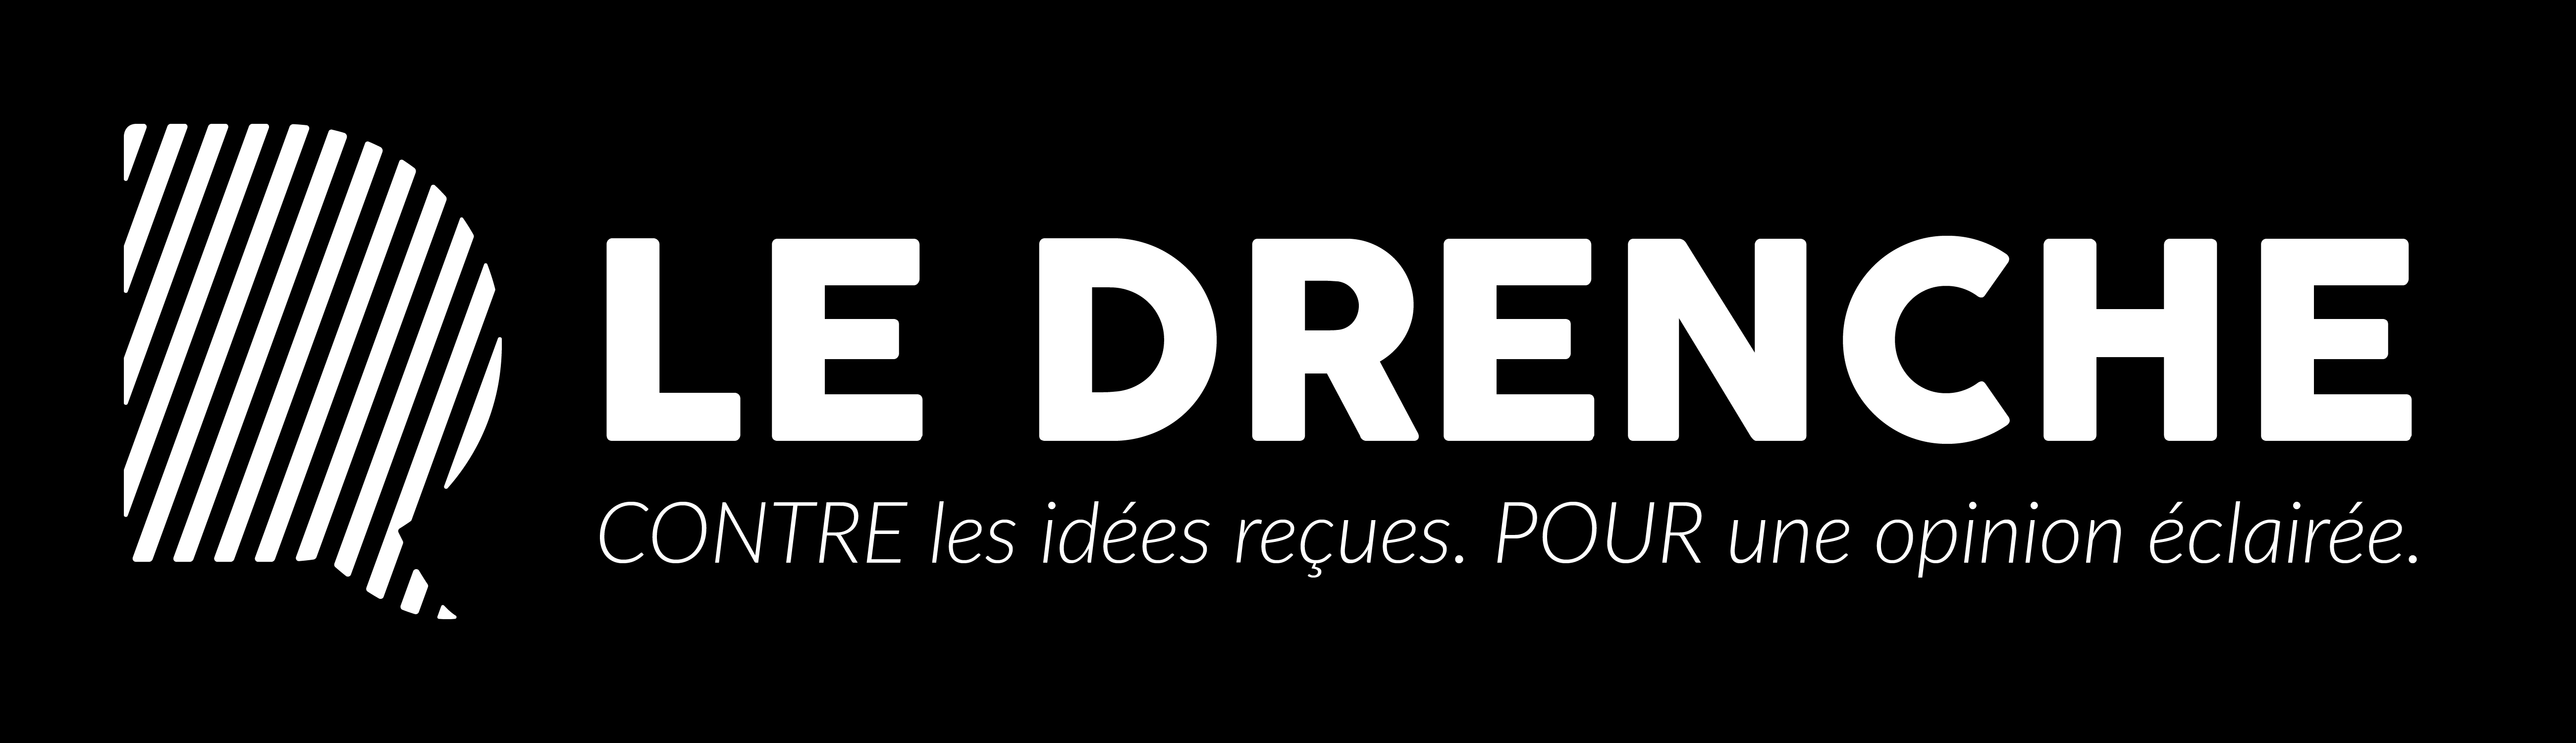 File Le Logo Du Journal Le Drenche Sur Fond Noir Jpg Wikimedia Commons